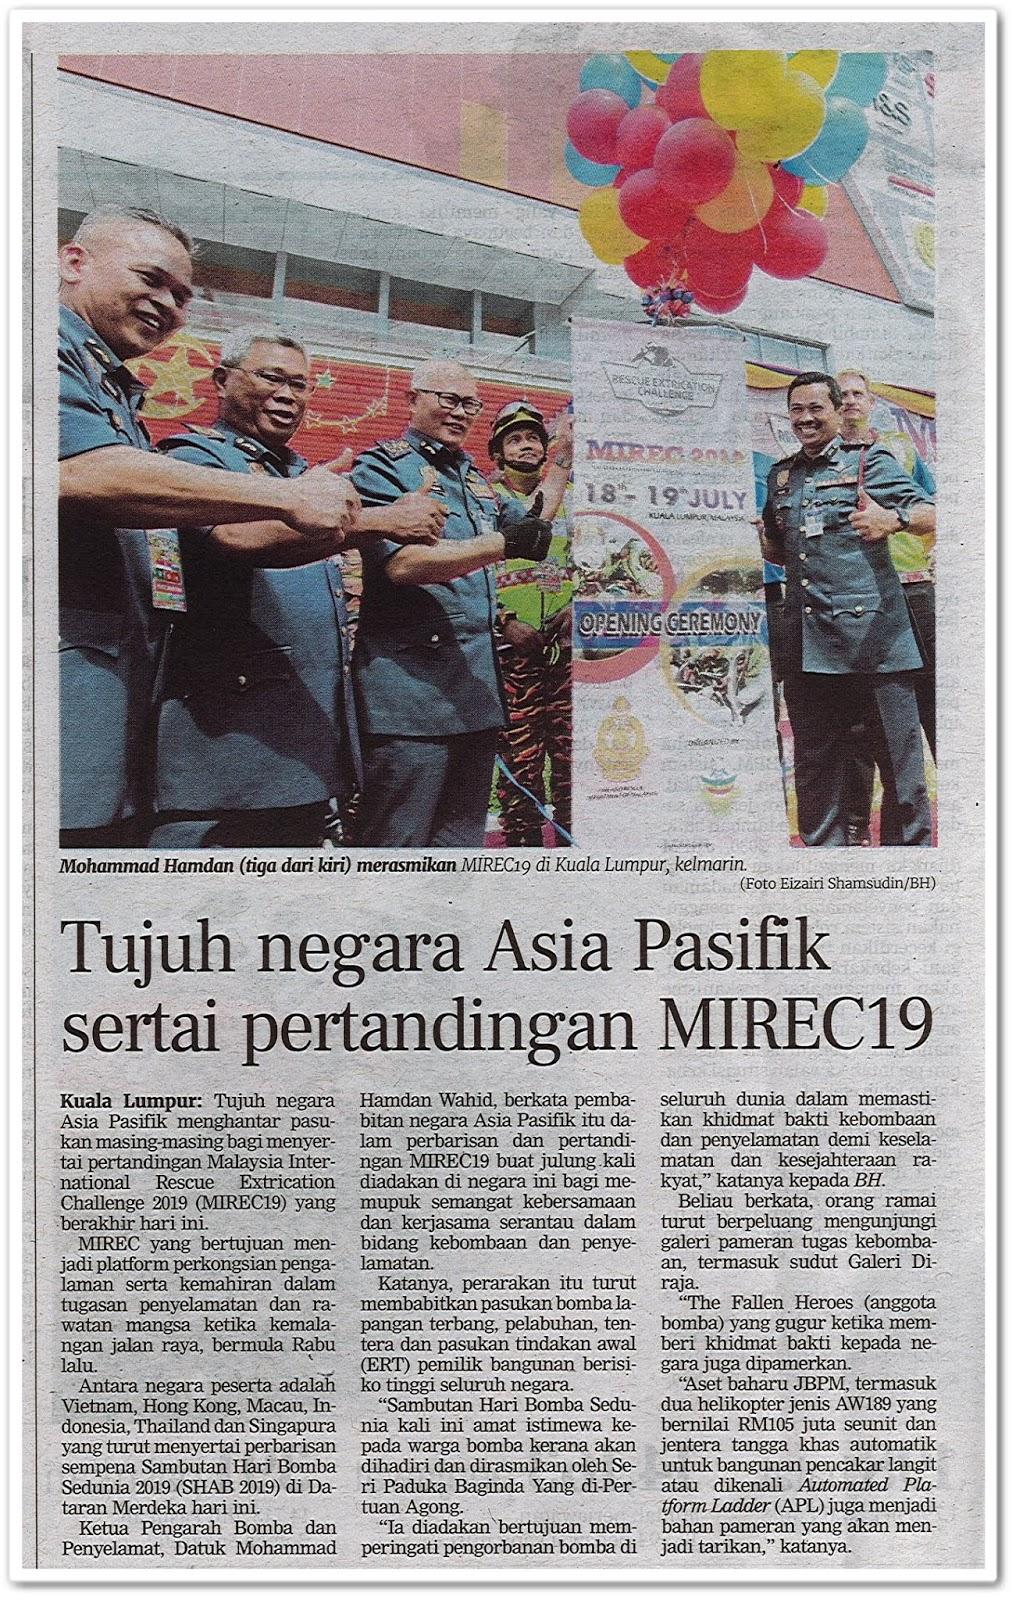 Tujuh negara Asia Pasifik sertai pertandingan MIREC19 - Keratan akhbar Berita Harian 20 Julai 2019